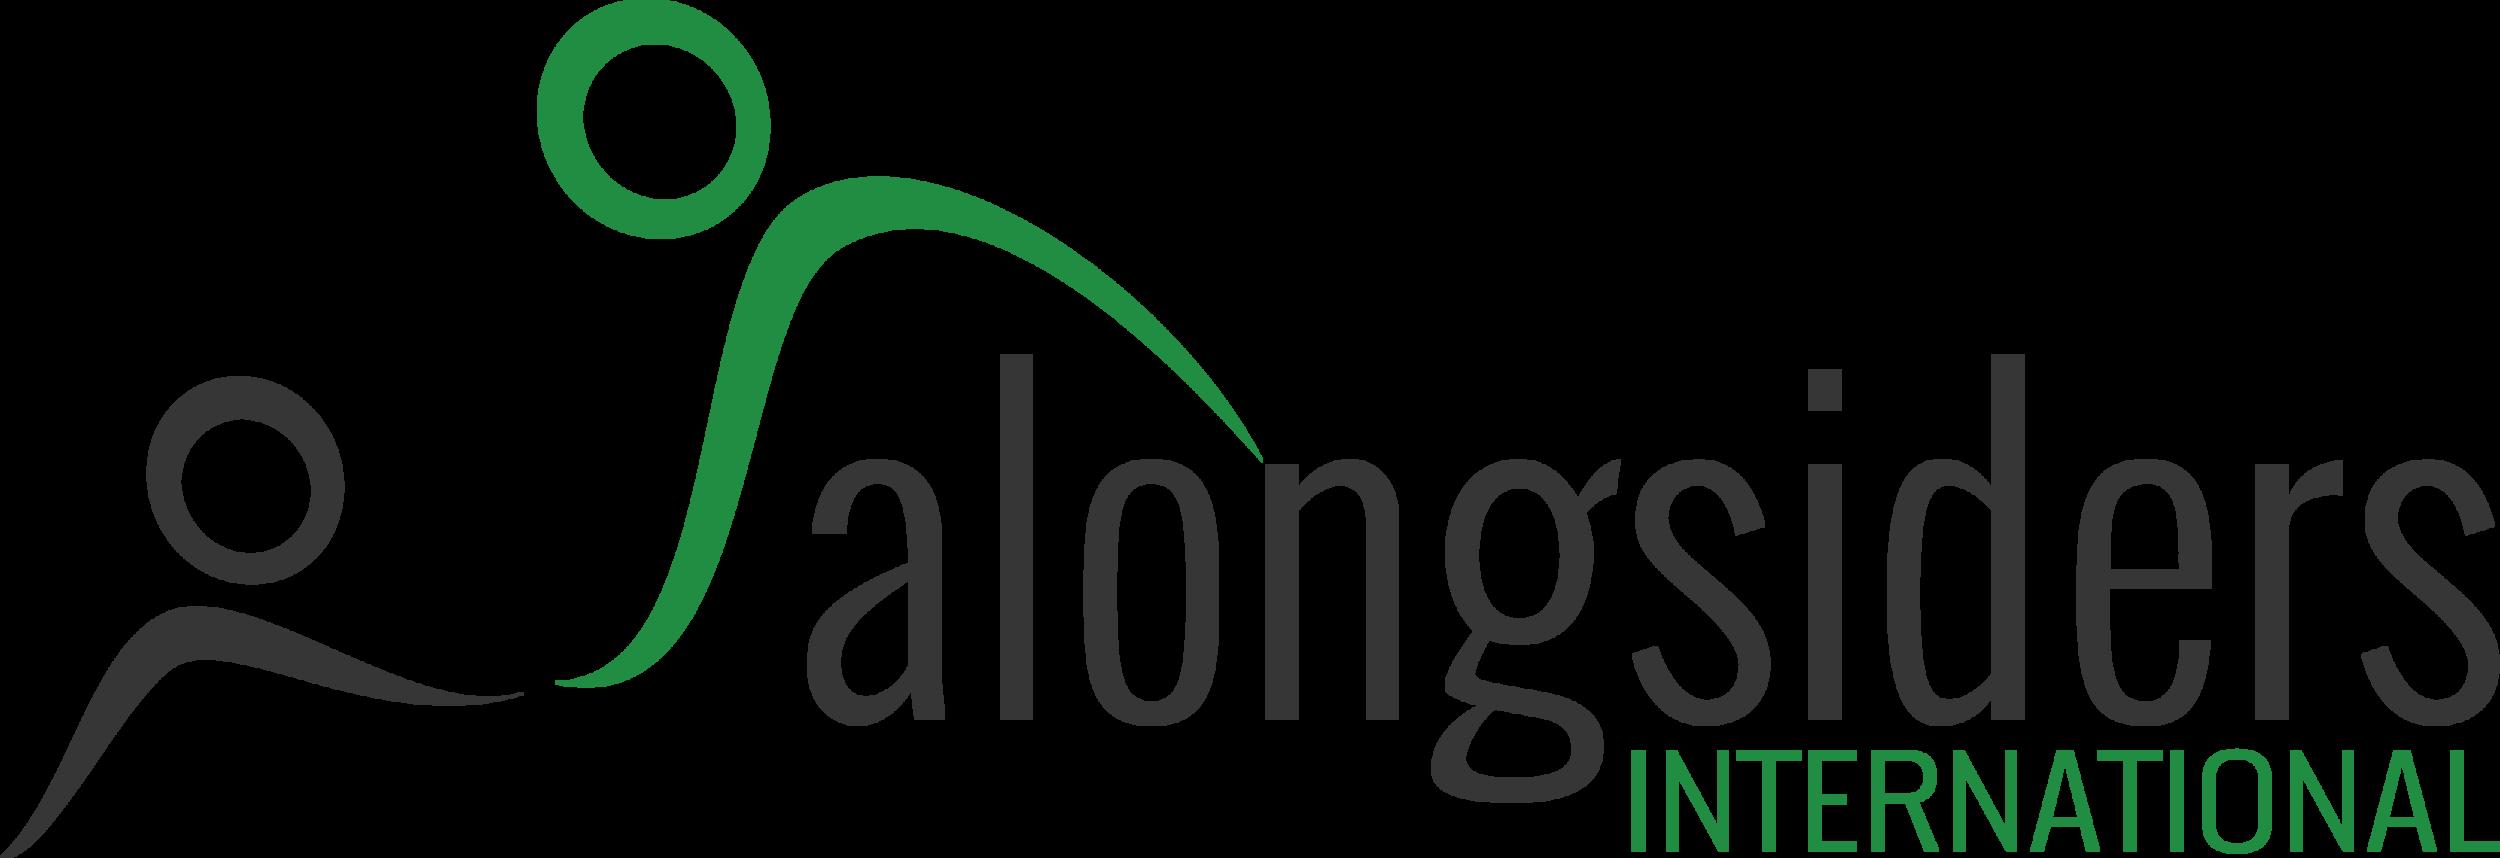 Alongsiders_Final_Logo_PNG.png